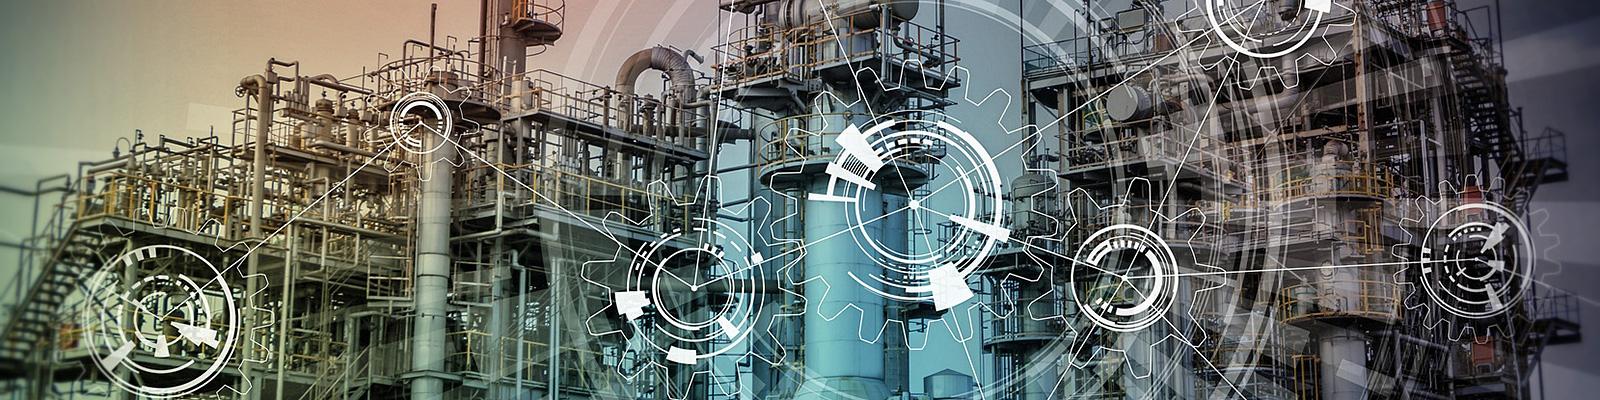 工場 通信 イメージ